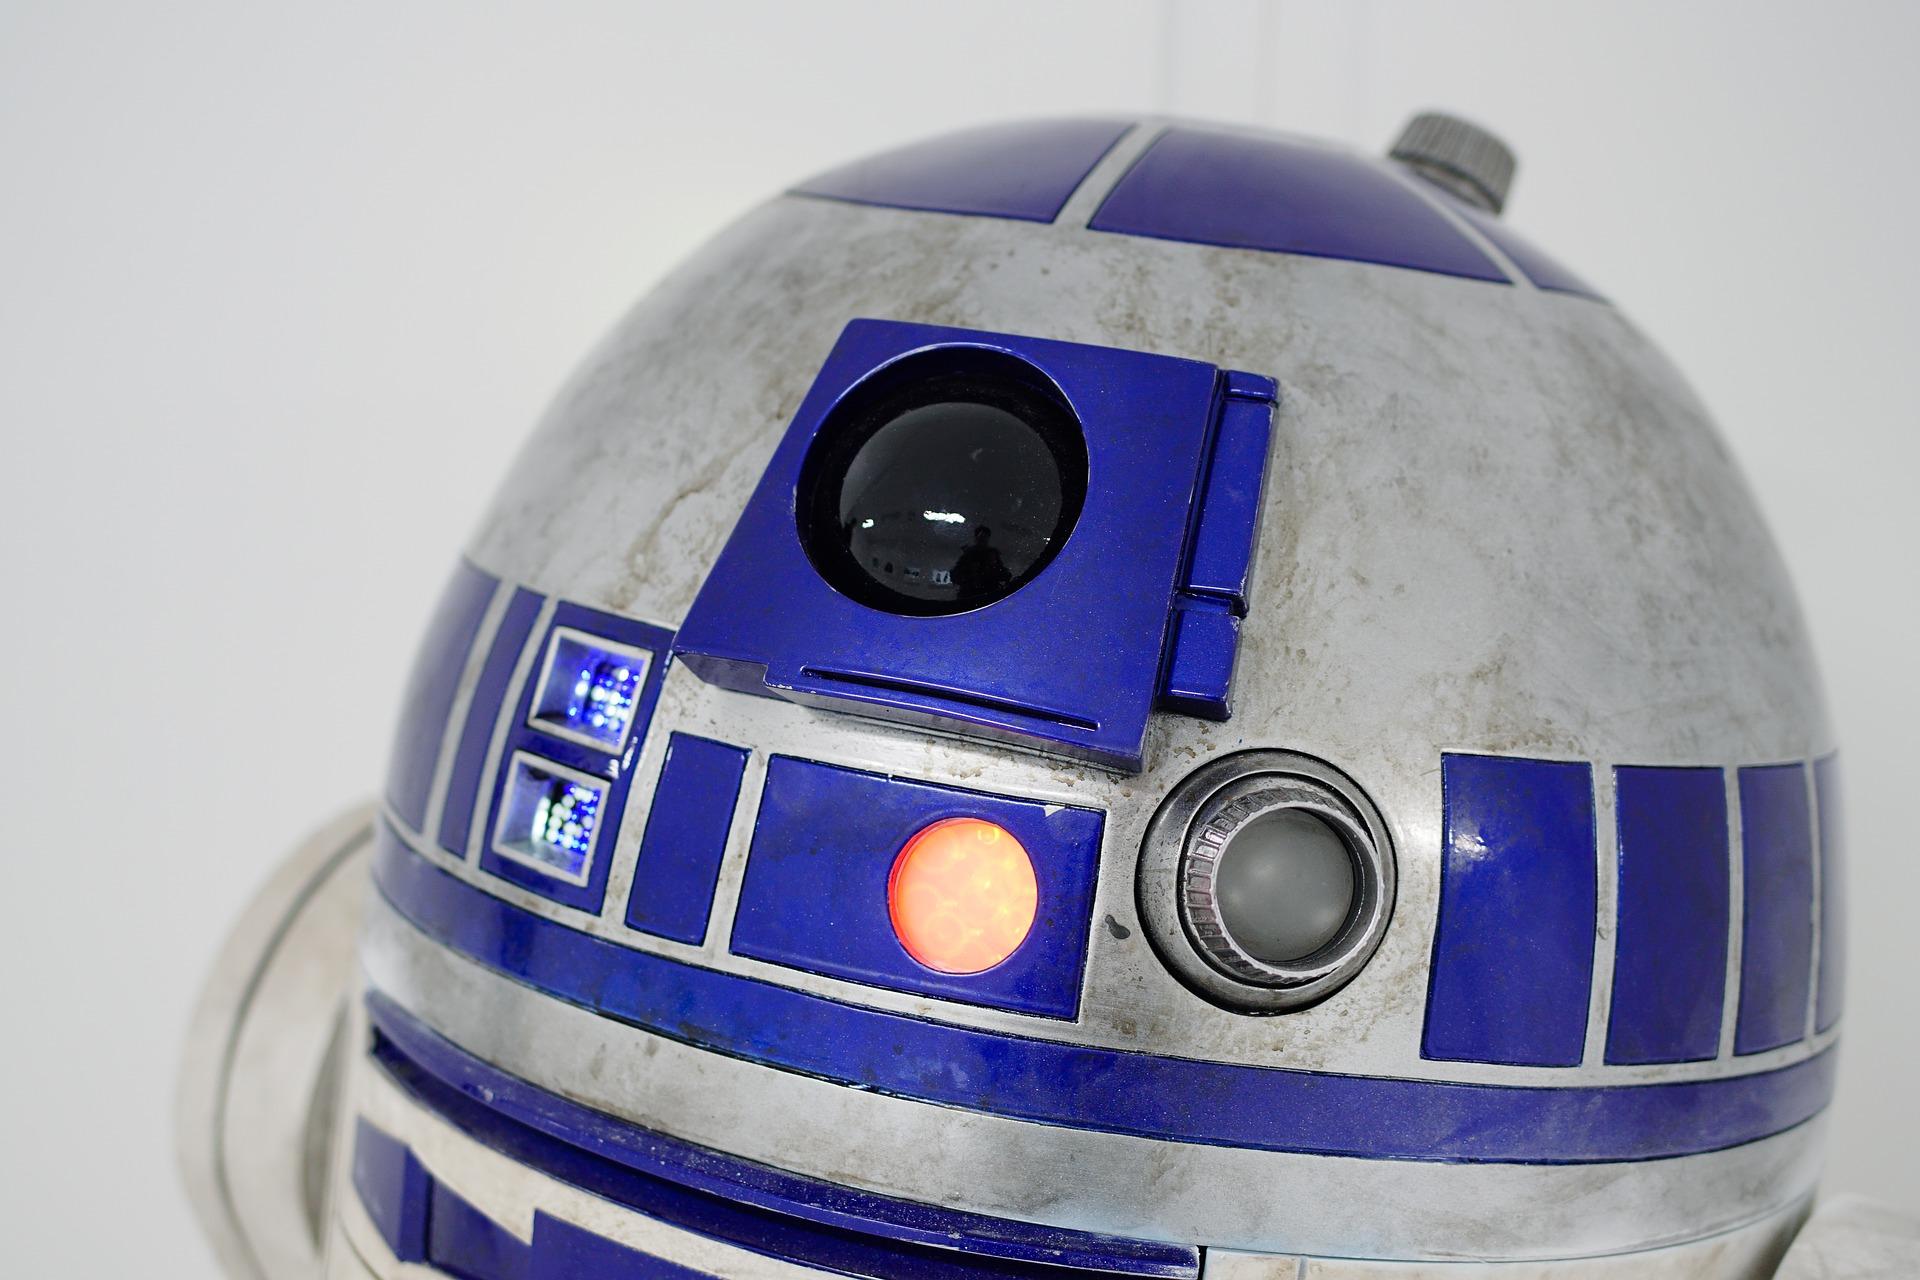 Fan de Star Wars?